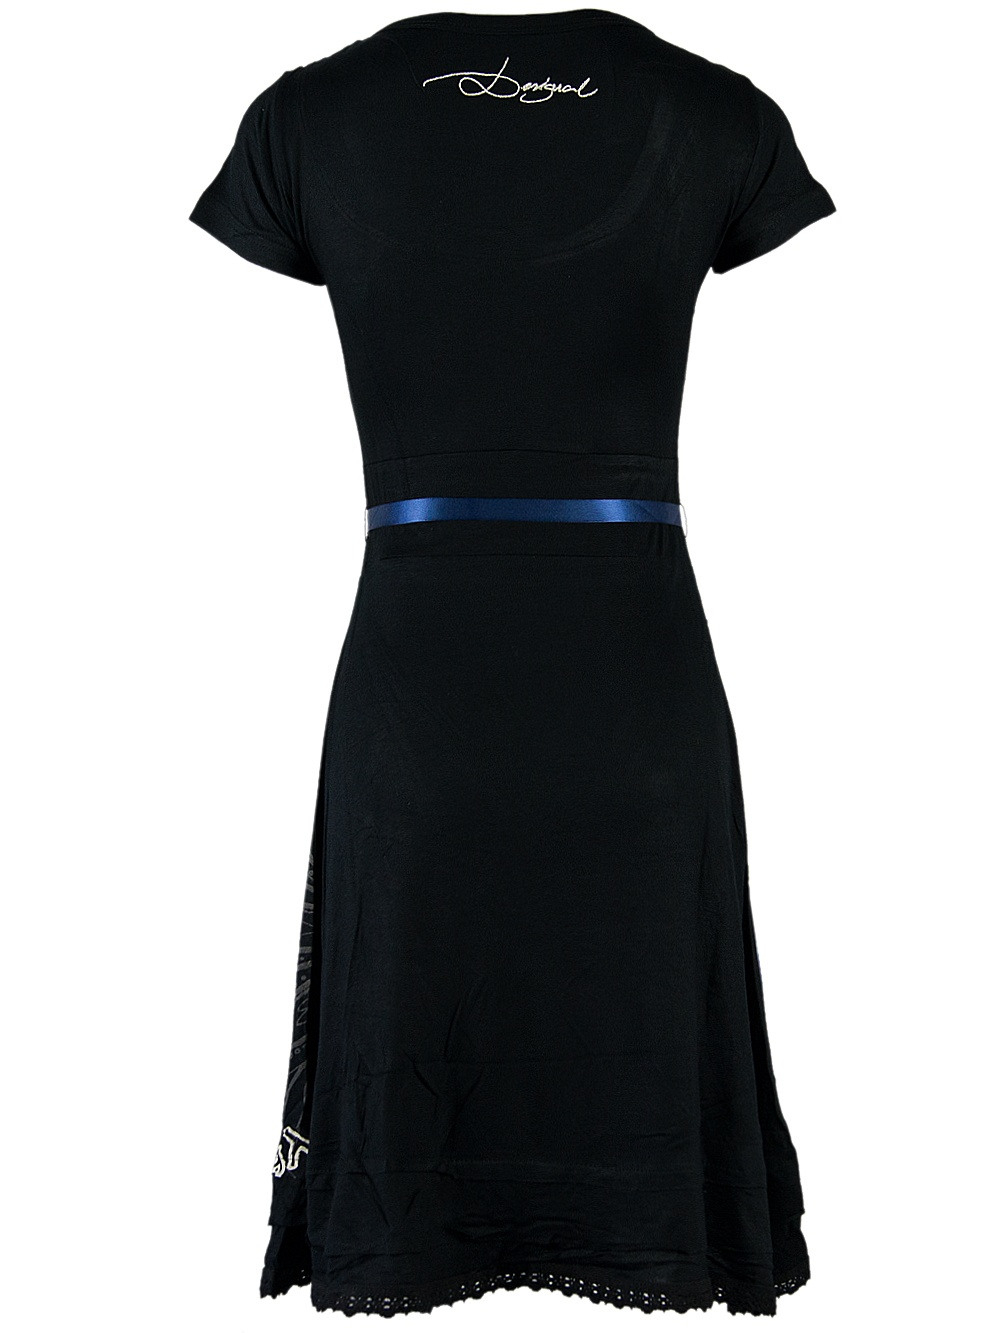 Formal Fantastisch Damen Kleid Schwarz Design Cool Damen Kleid Schwarz Design